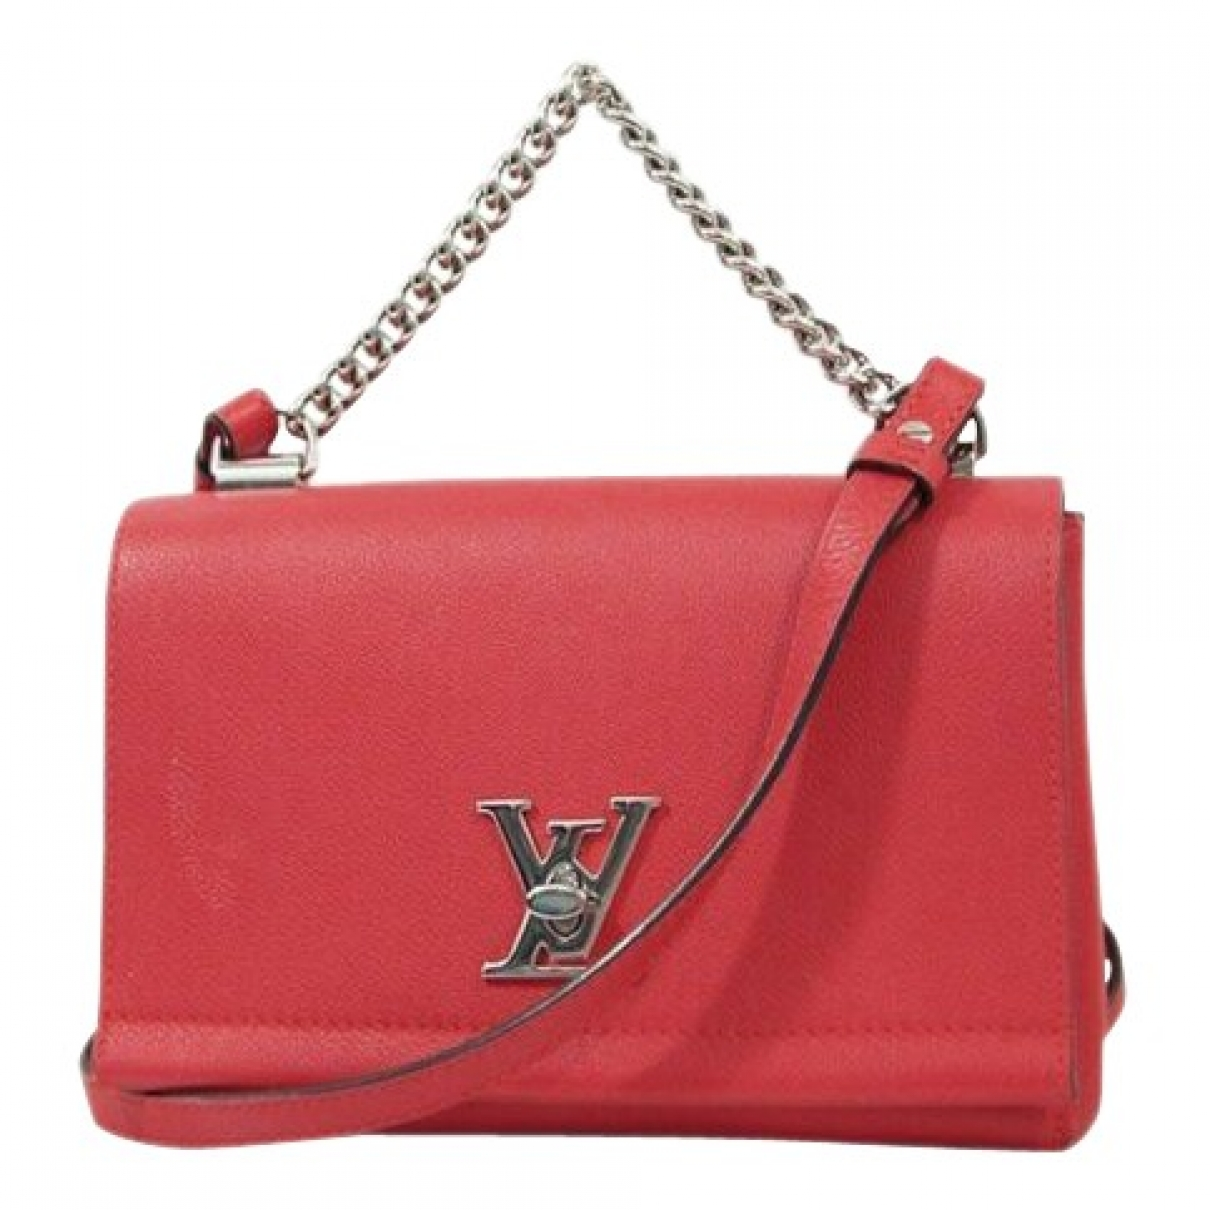 Louis Vuitton Lockme Handtasche in  Rot Leder